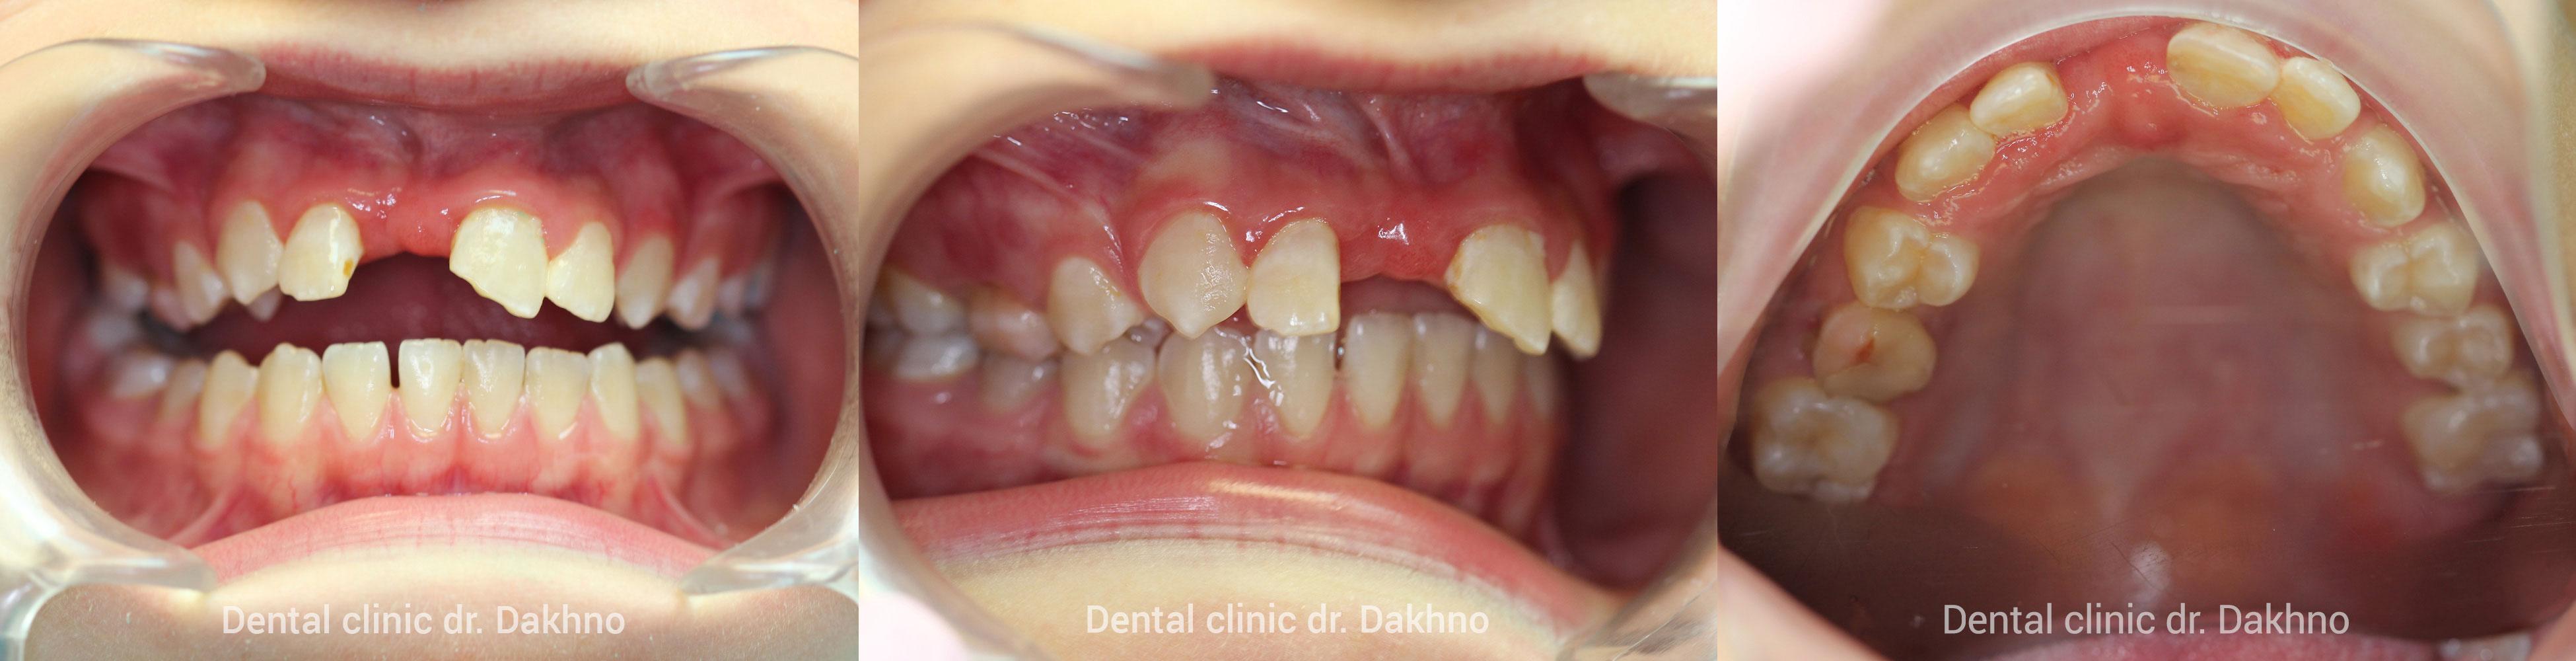 ретрогения, дистальный прикус, протрузия фронтальной группы зубов верхней челюсти